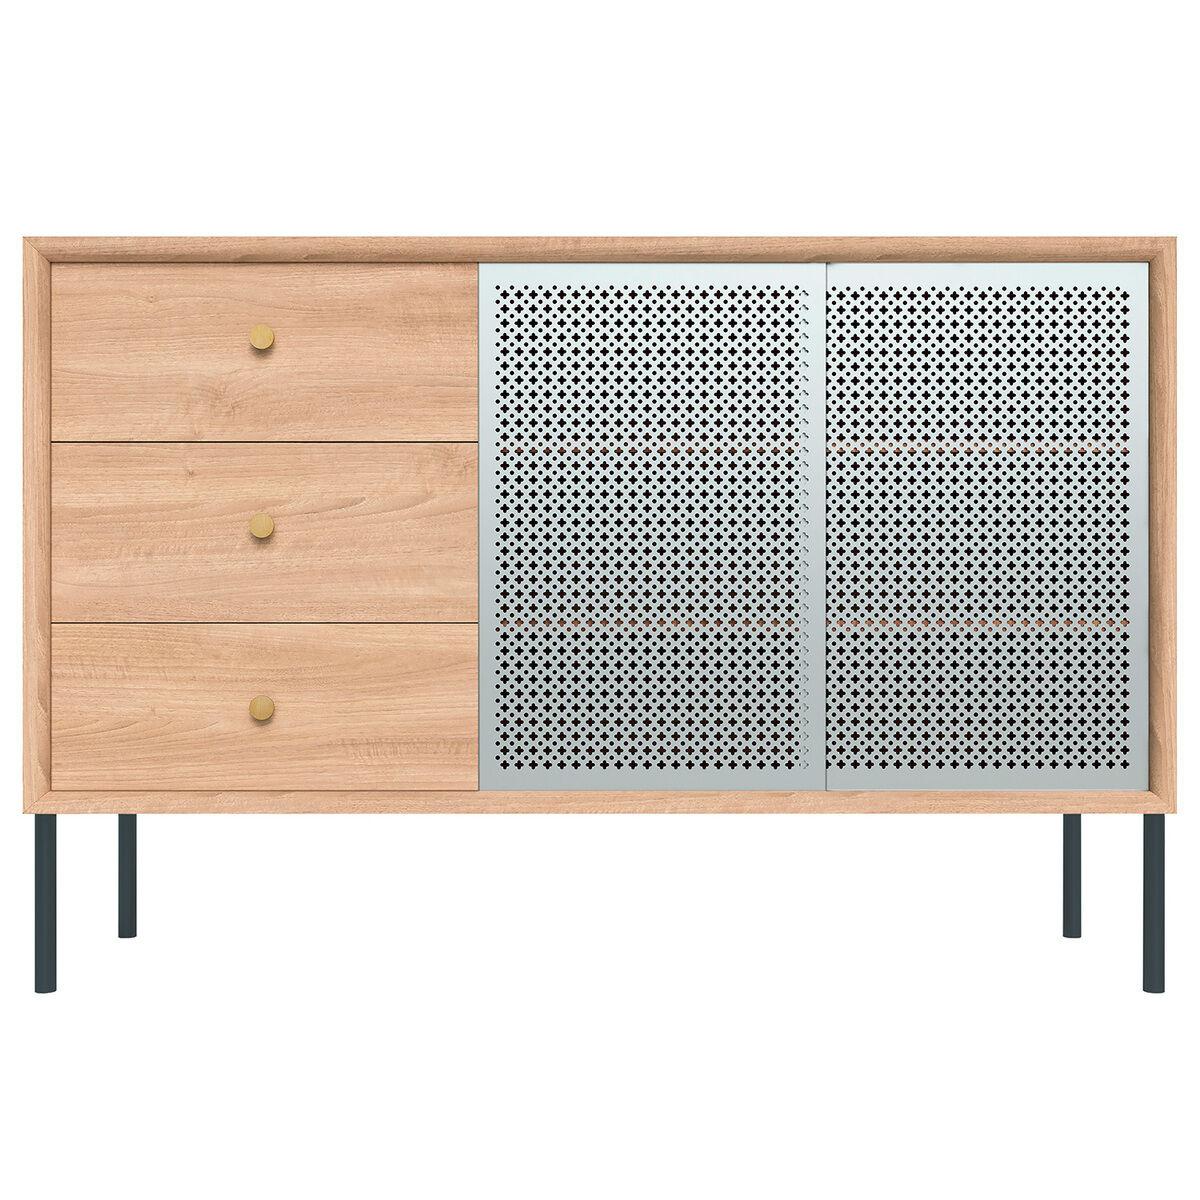 Harto Gabin senkki laatikostolla, korkea, tammi - vaaleanharmaa